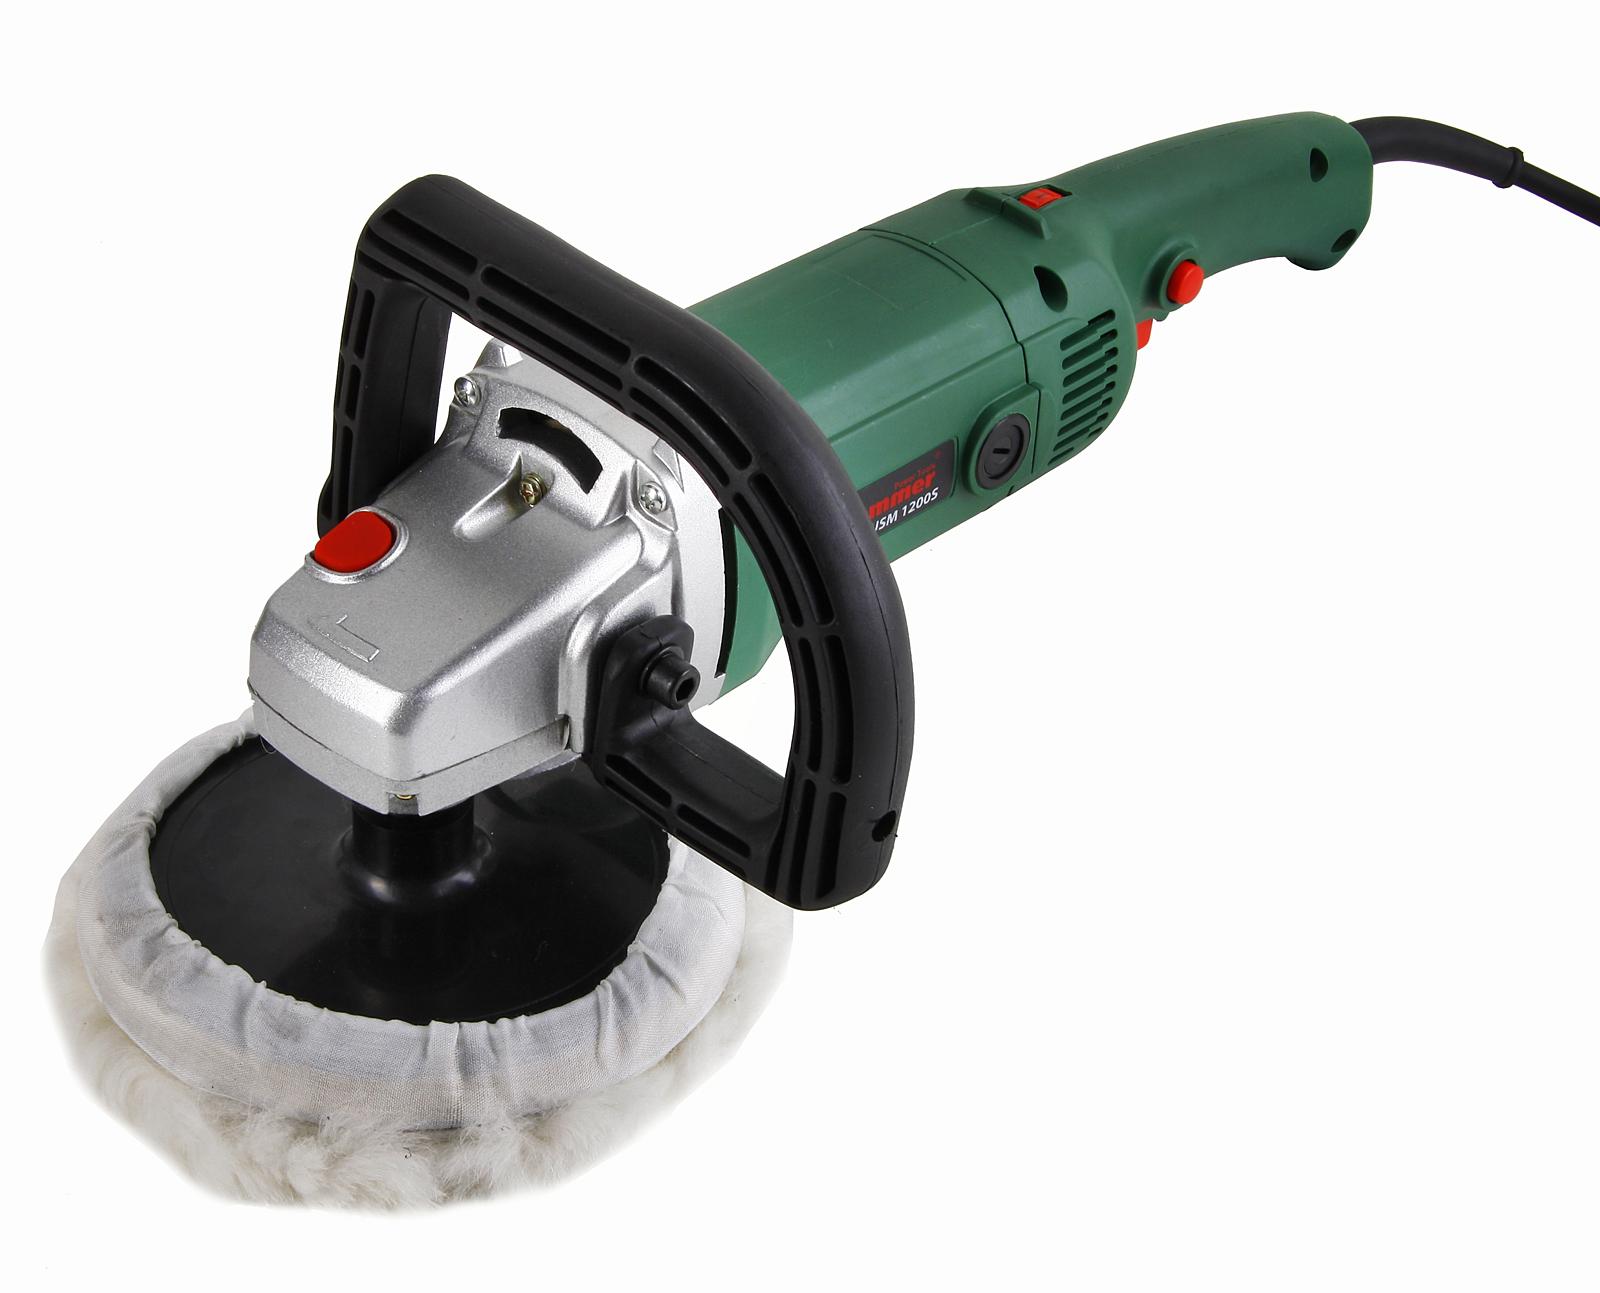 Машина полировальная Hammer Usm1200s